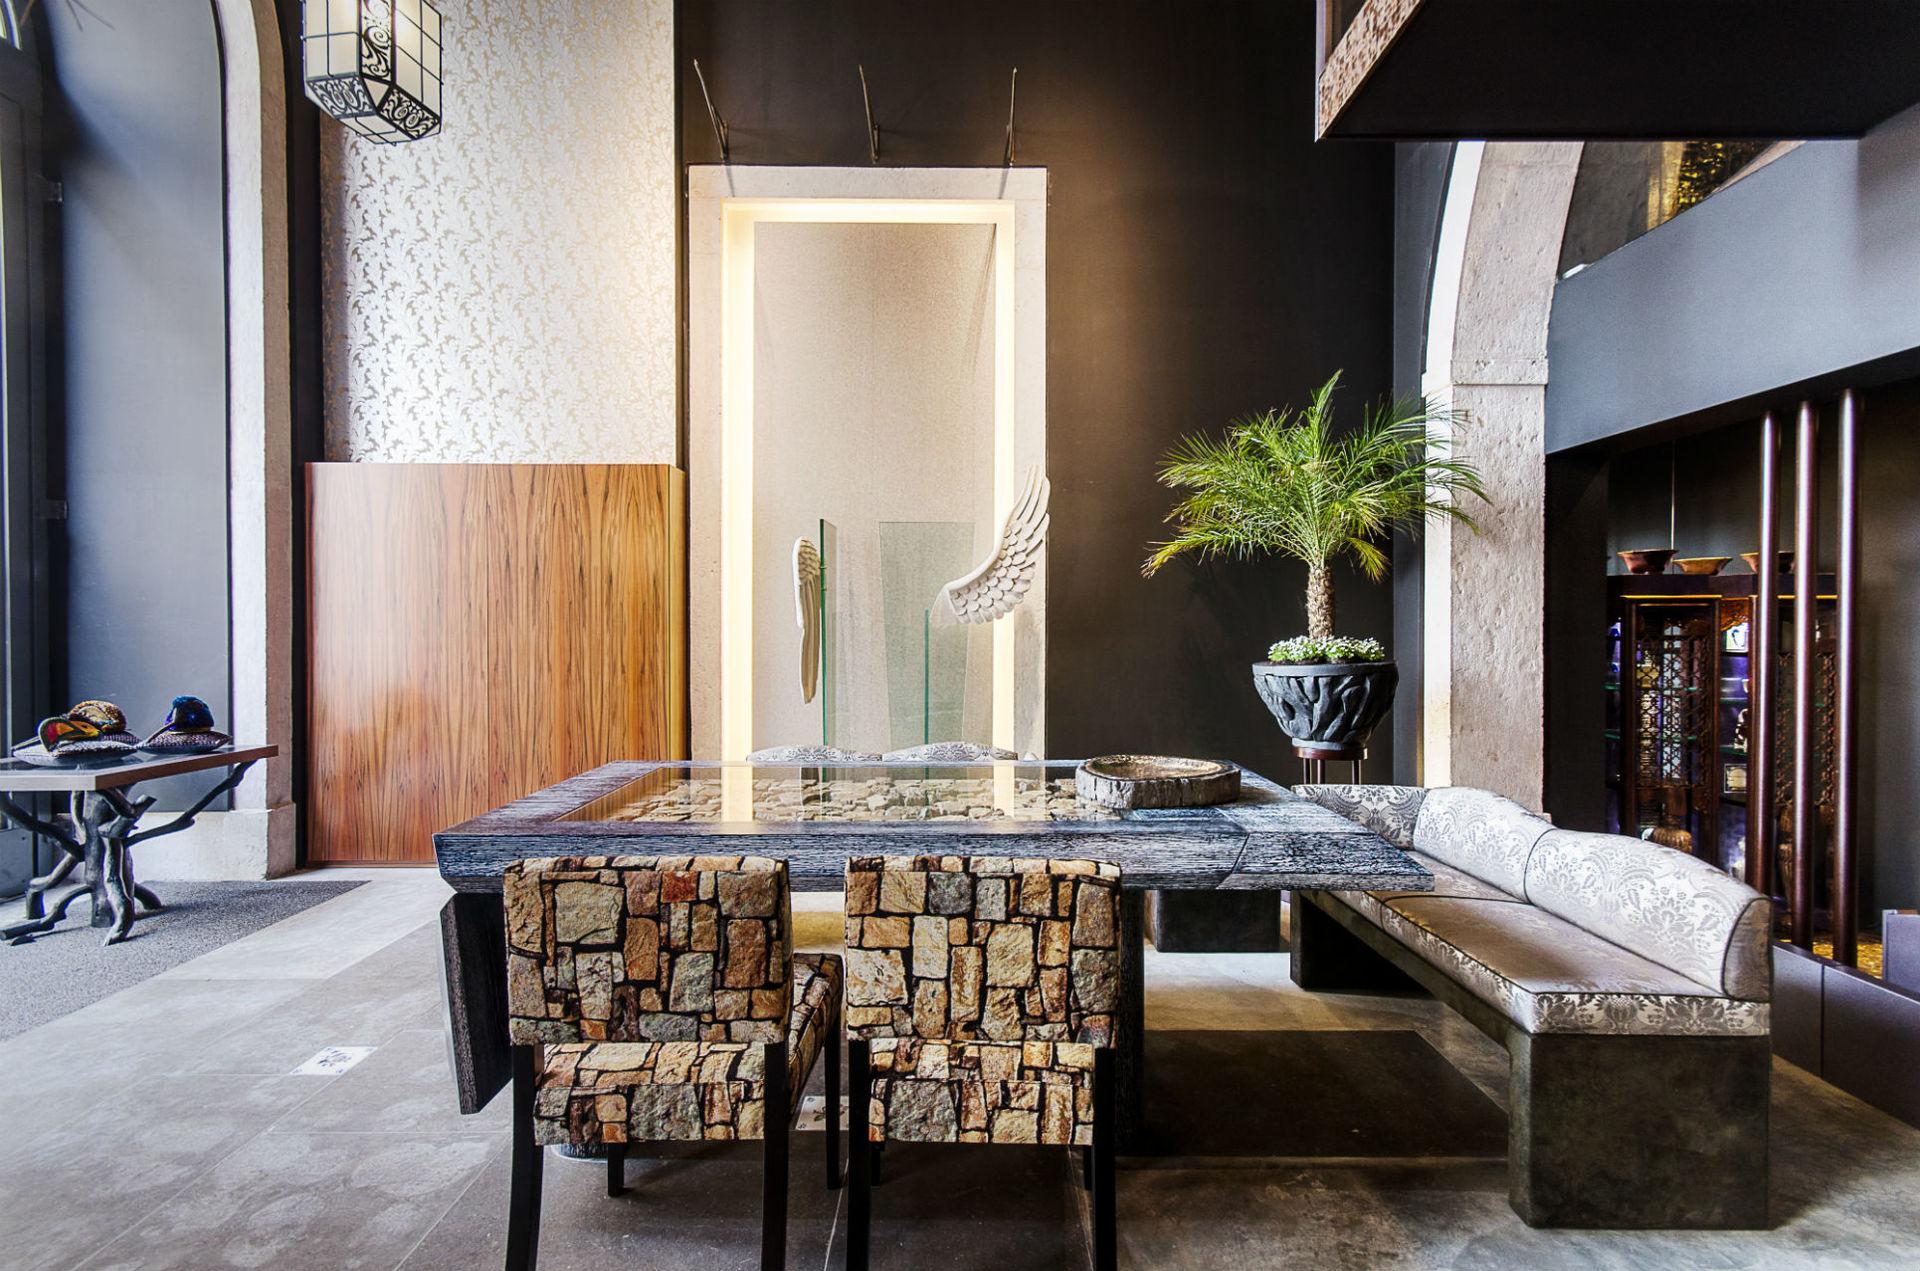 design interiores joao andrade e silva